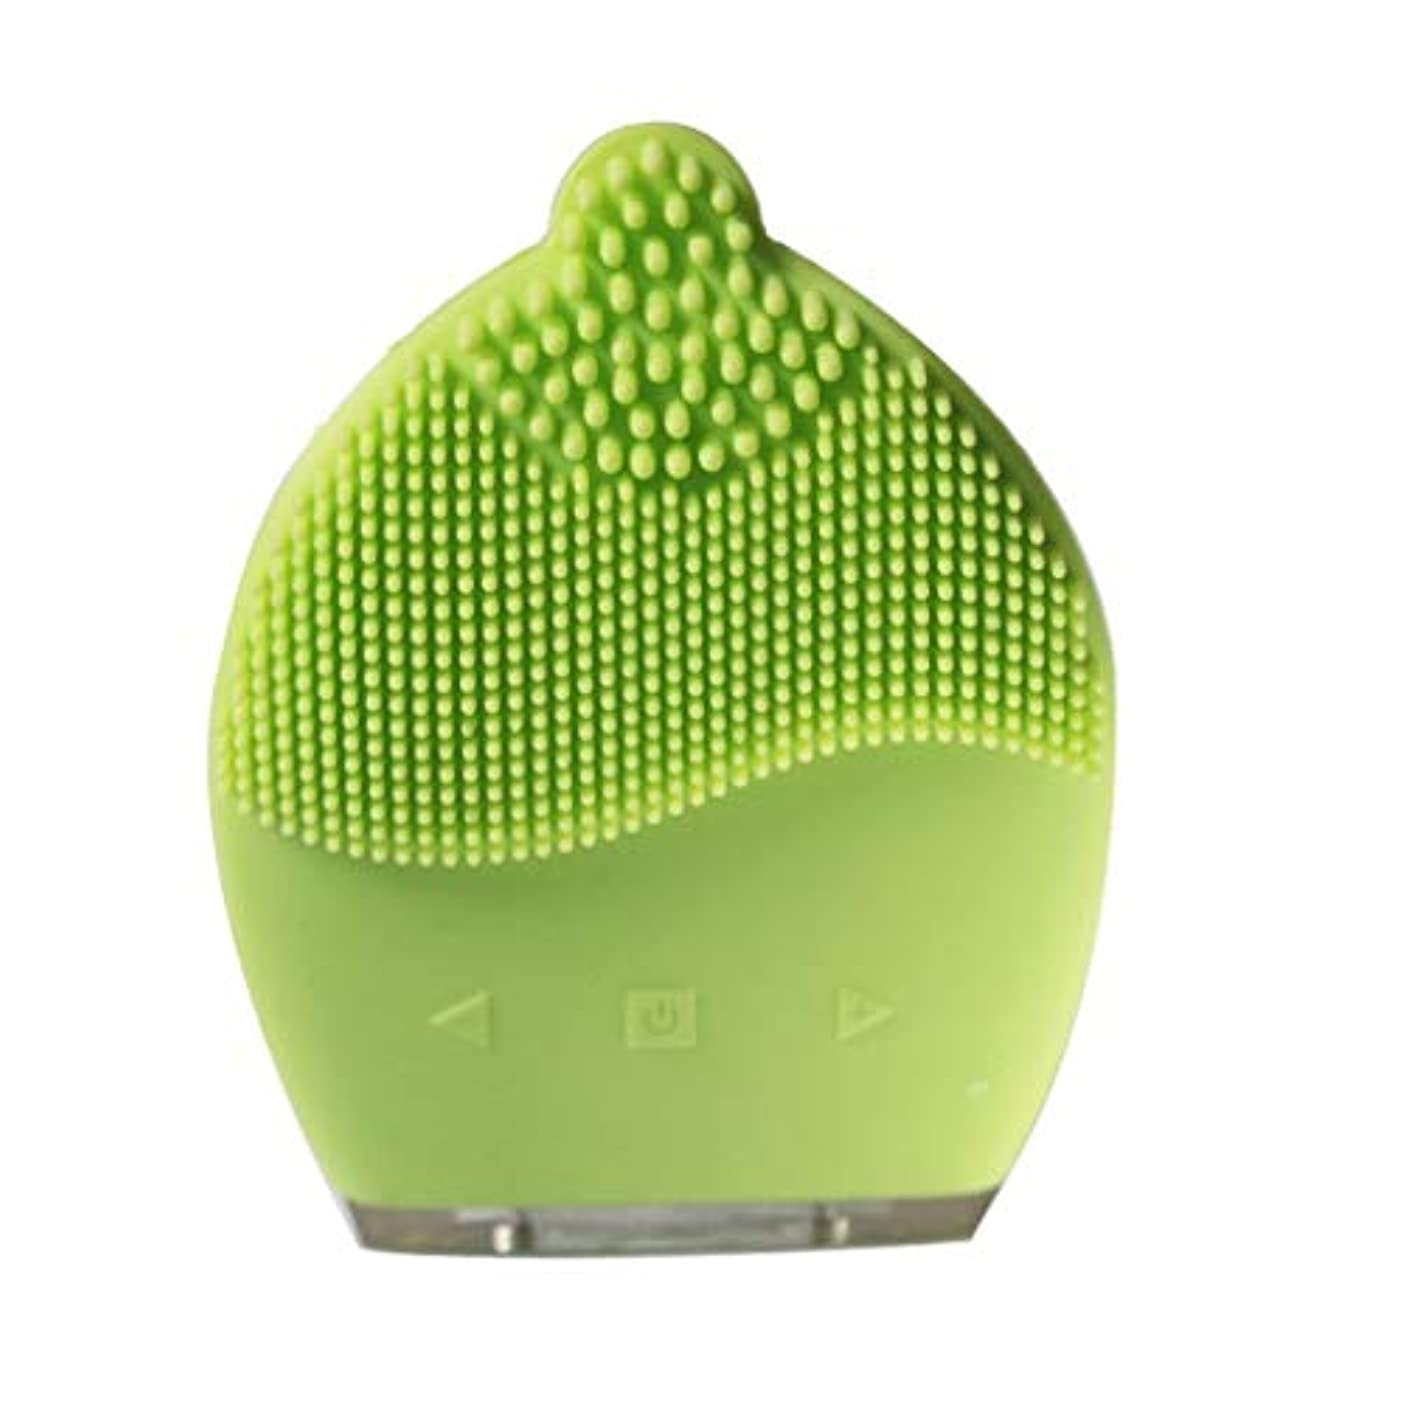 ポジション汚い大胆な電気シリコーンクレンジング器具、USBフェイシャルシリコーンポータブルフェイシャルマッサージャーディープエクスフォリエイティングジェントル&ディープクレンジングフェイシャル (Color : Green)